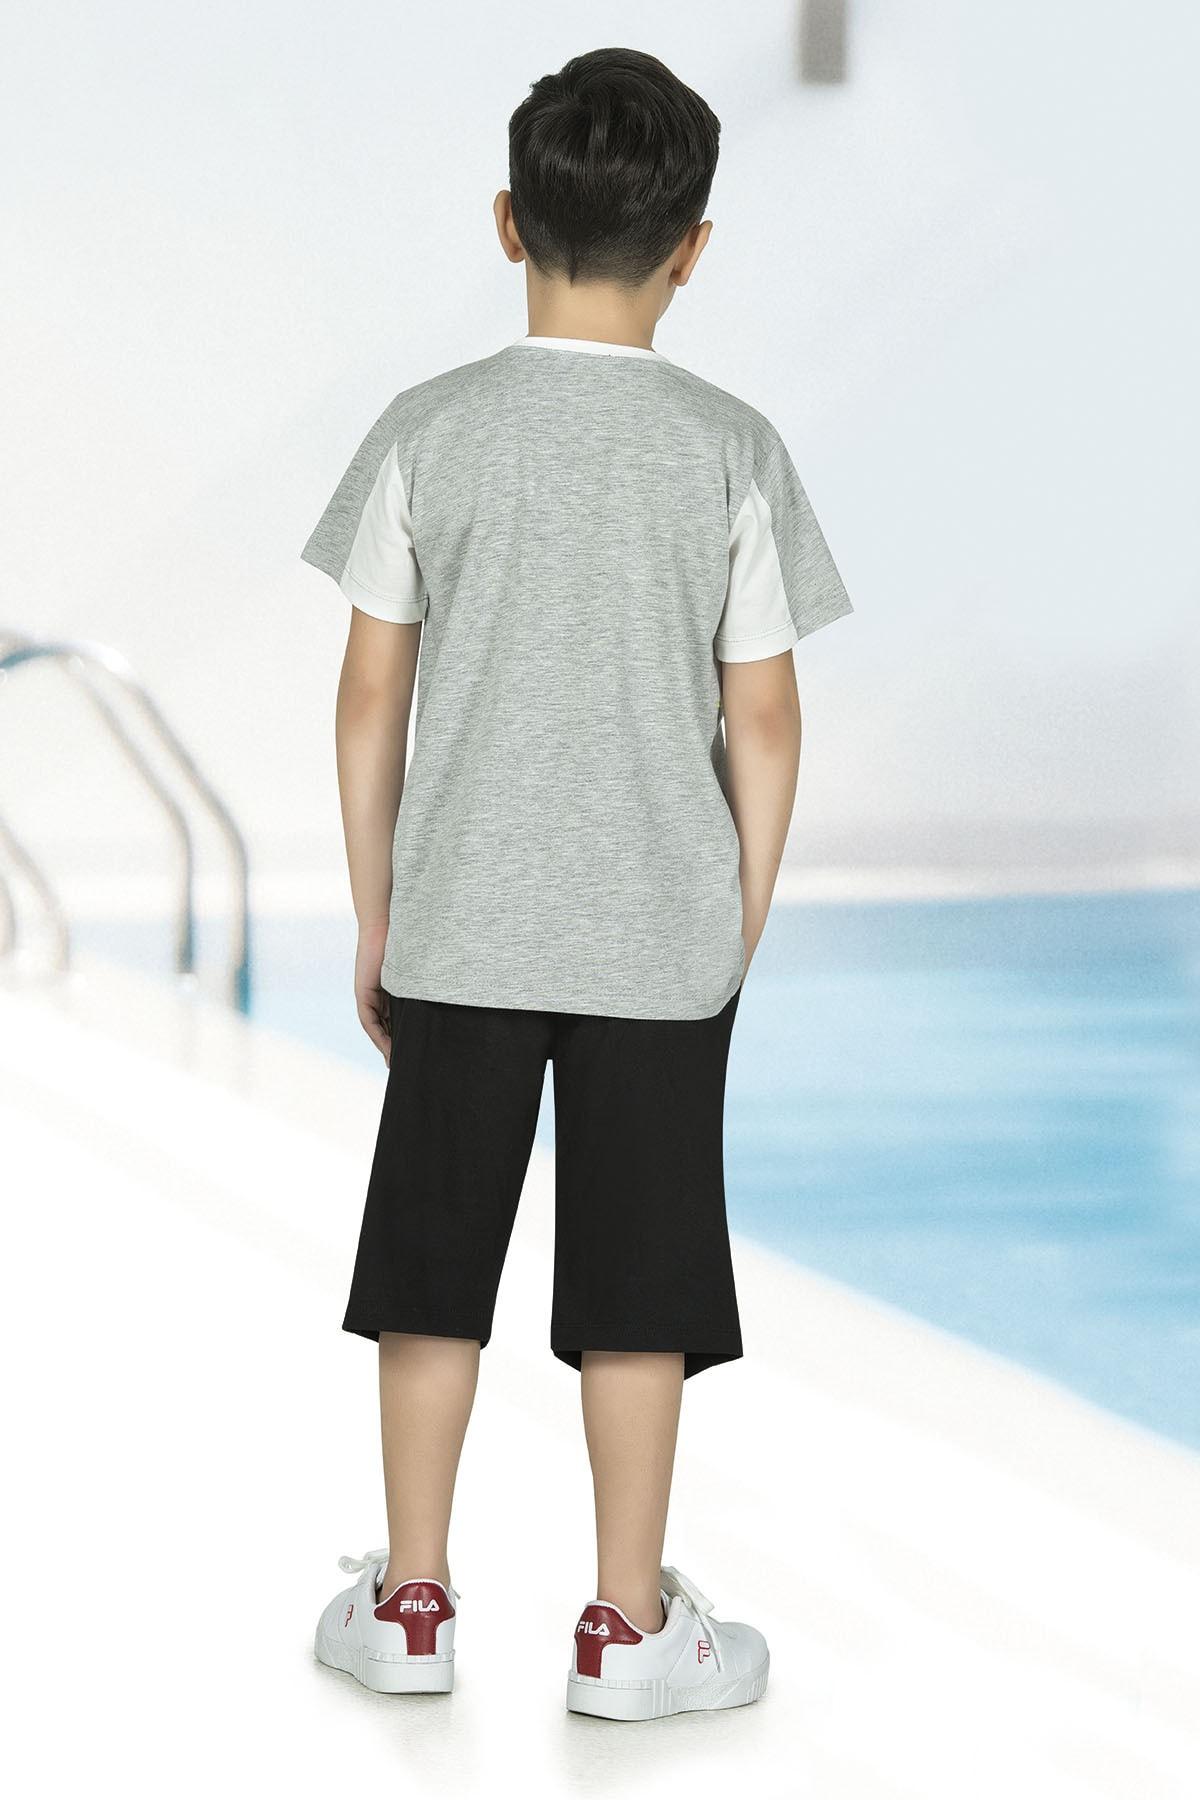 ÖZKAN underwear Erkek Çocuk Şortlu Pijama Takımı